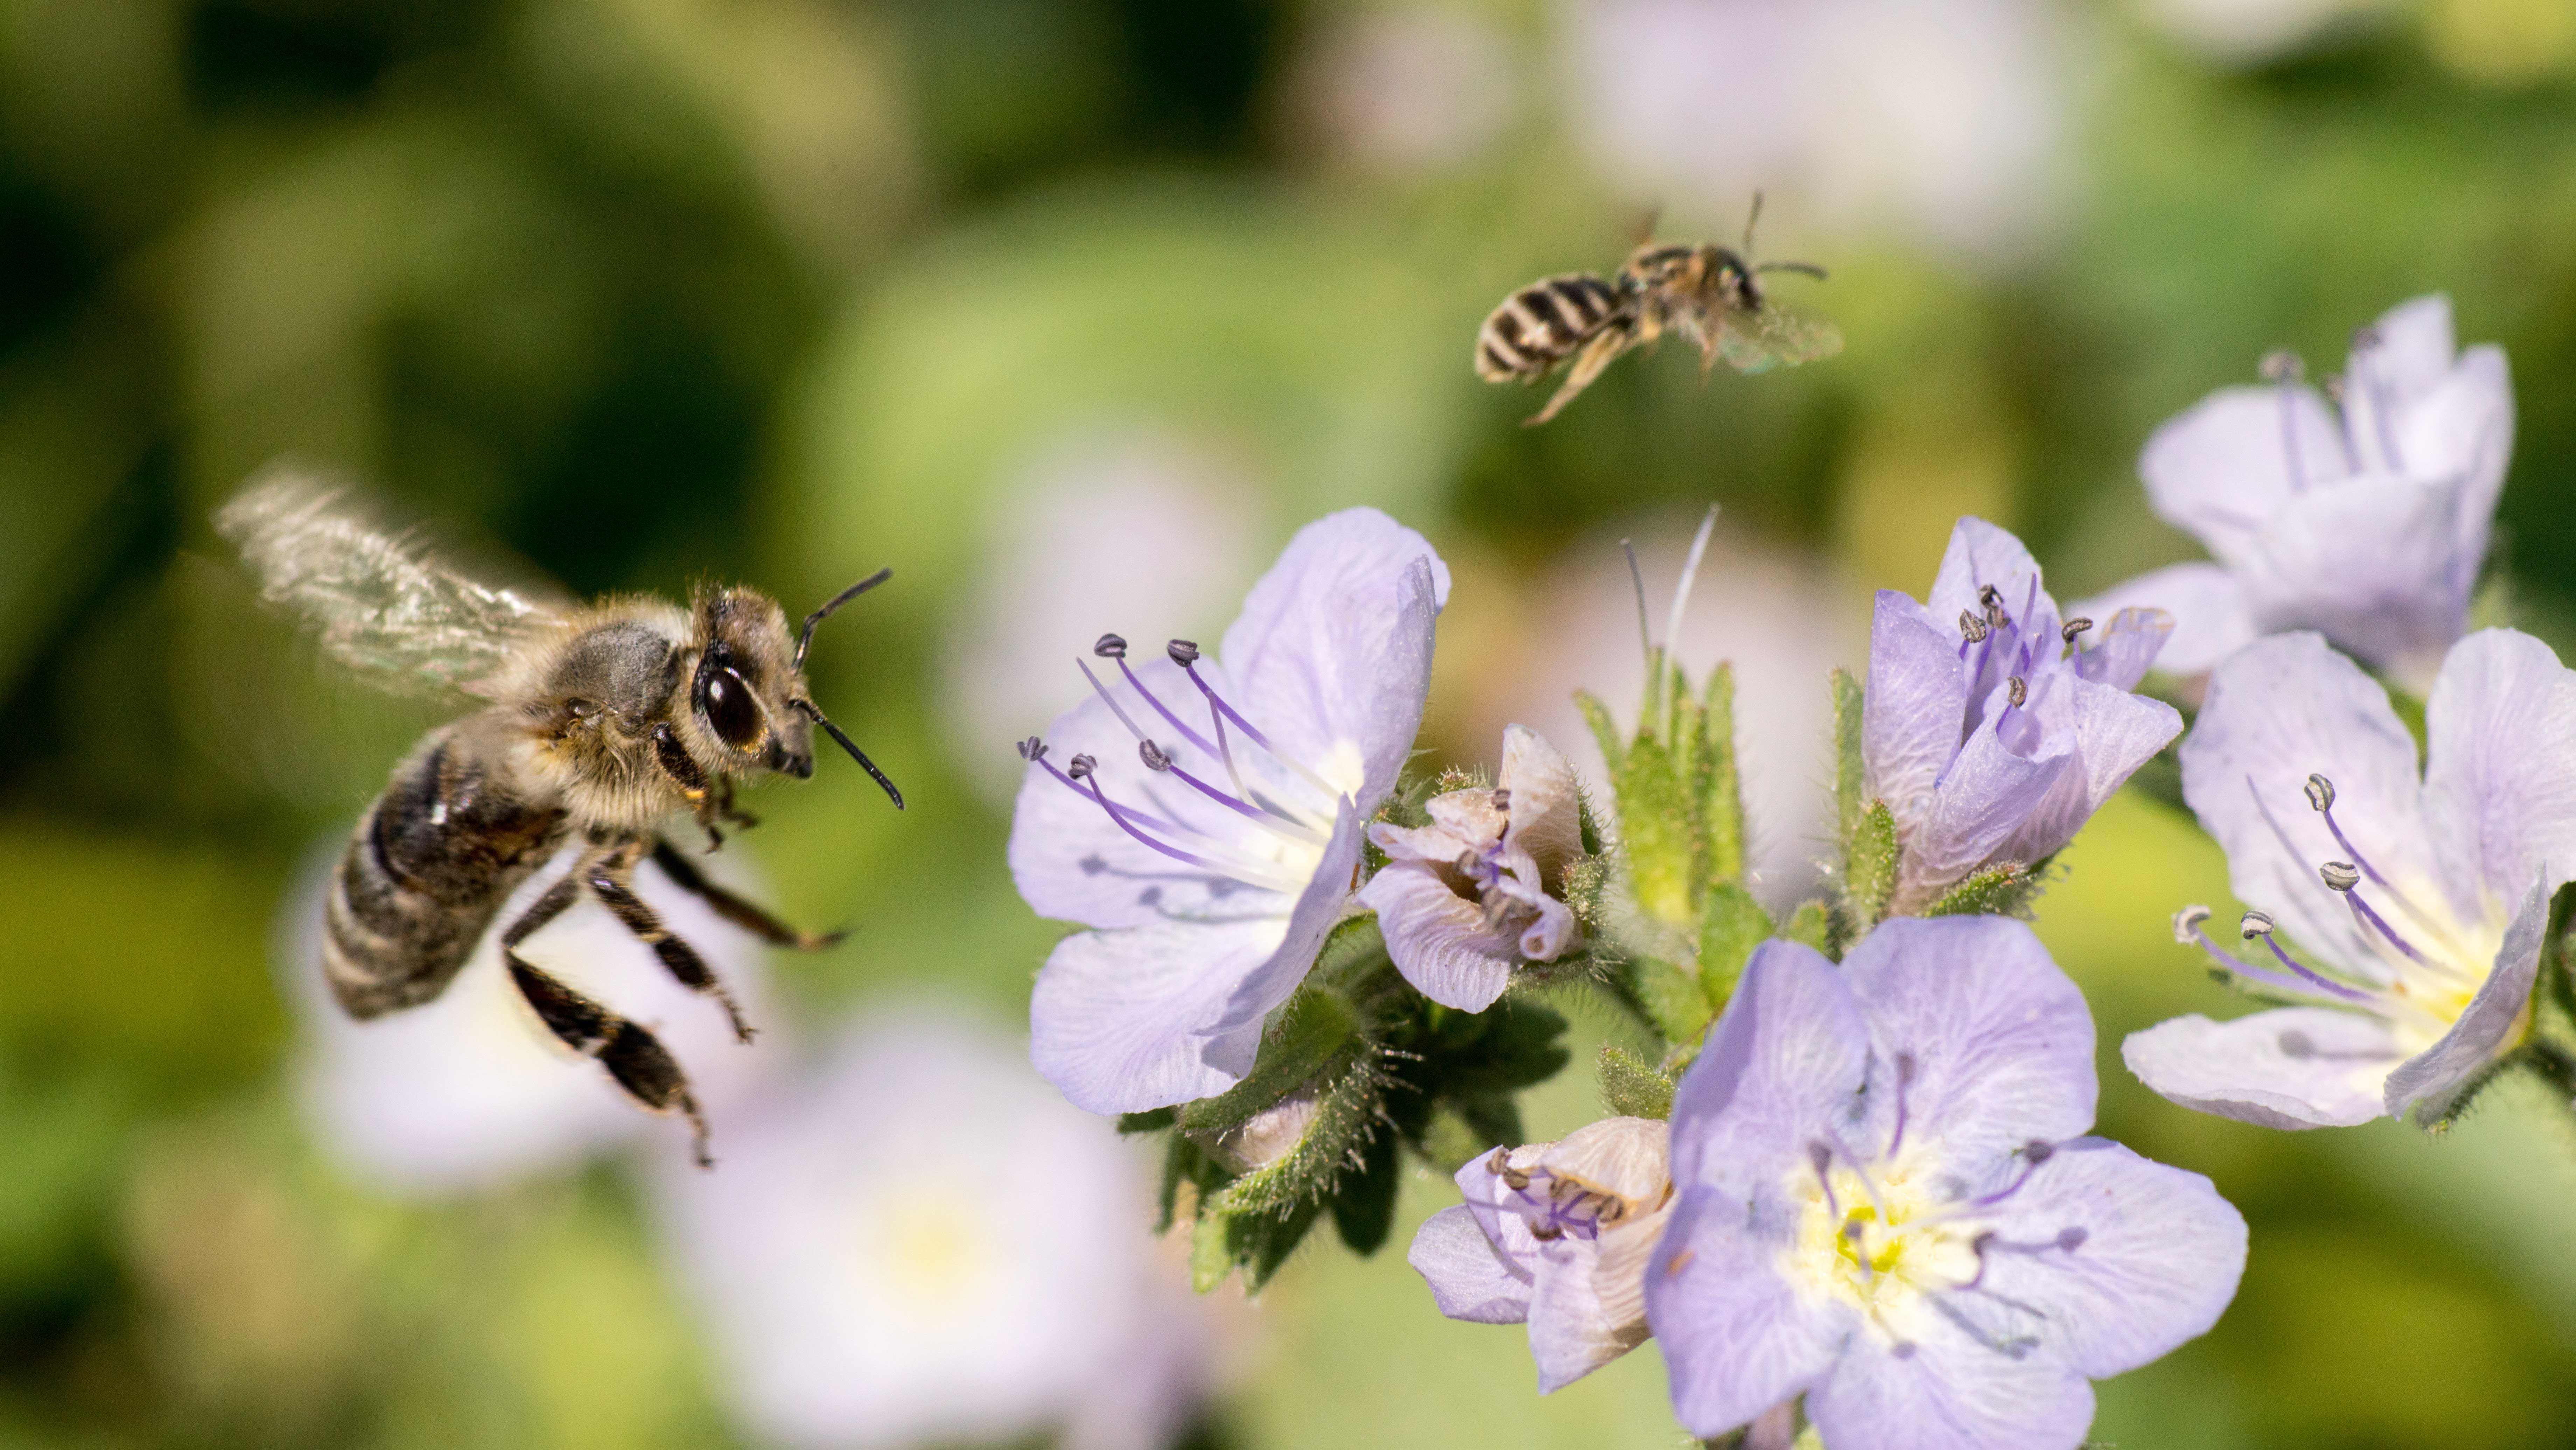 Bees visiting purple flowers